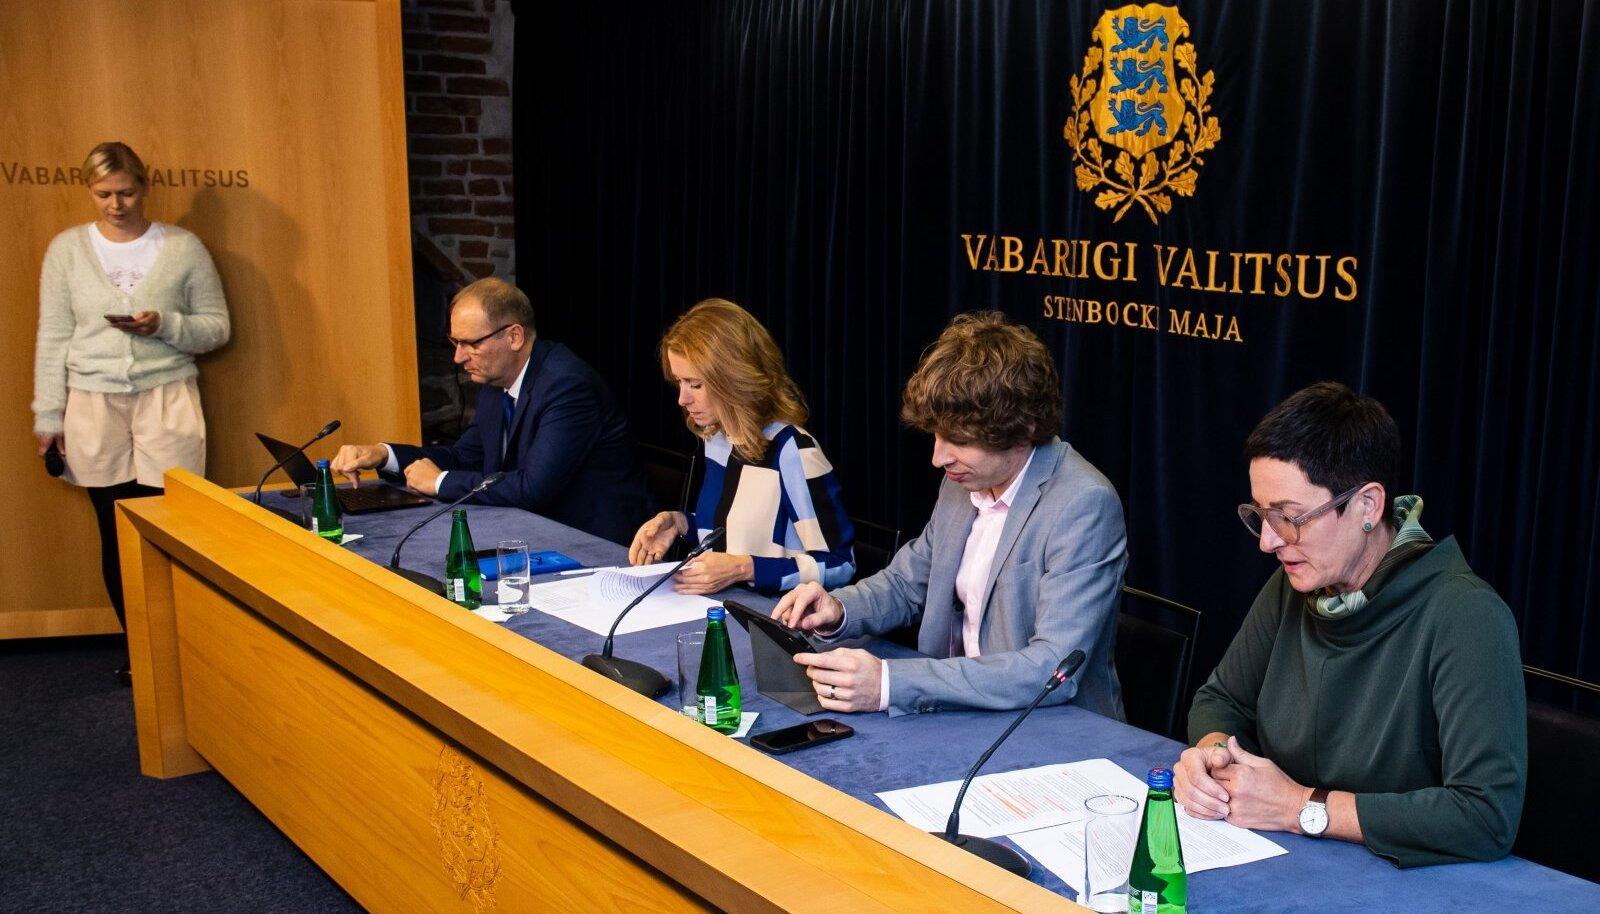 Vabariigi valitsuse pressikonverents. Paremal sotsiaalkaitseminister Signe Riisalo.